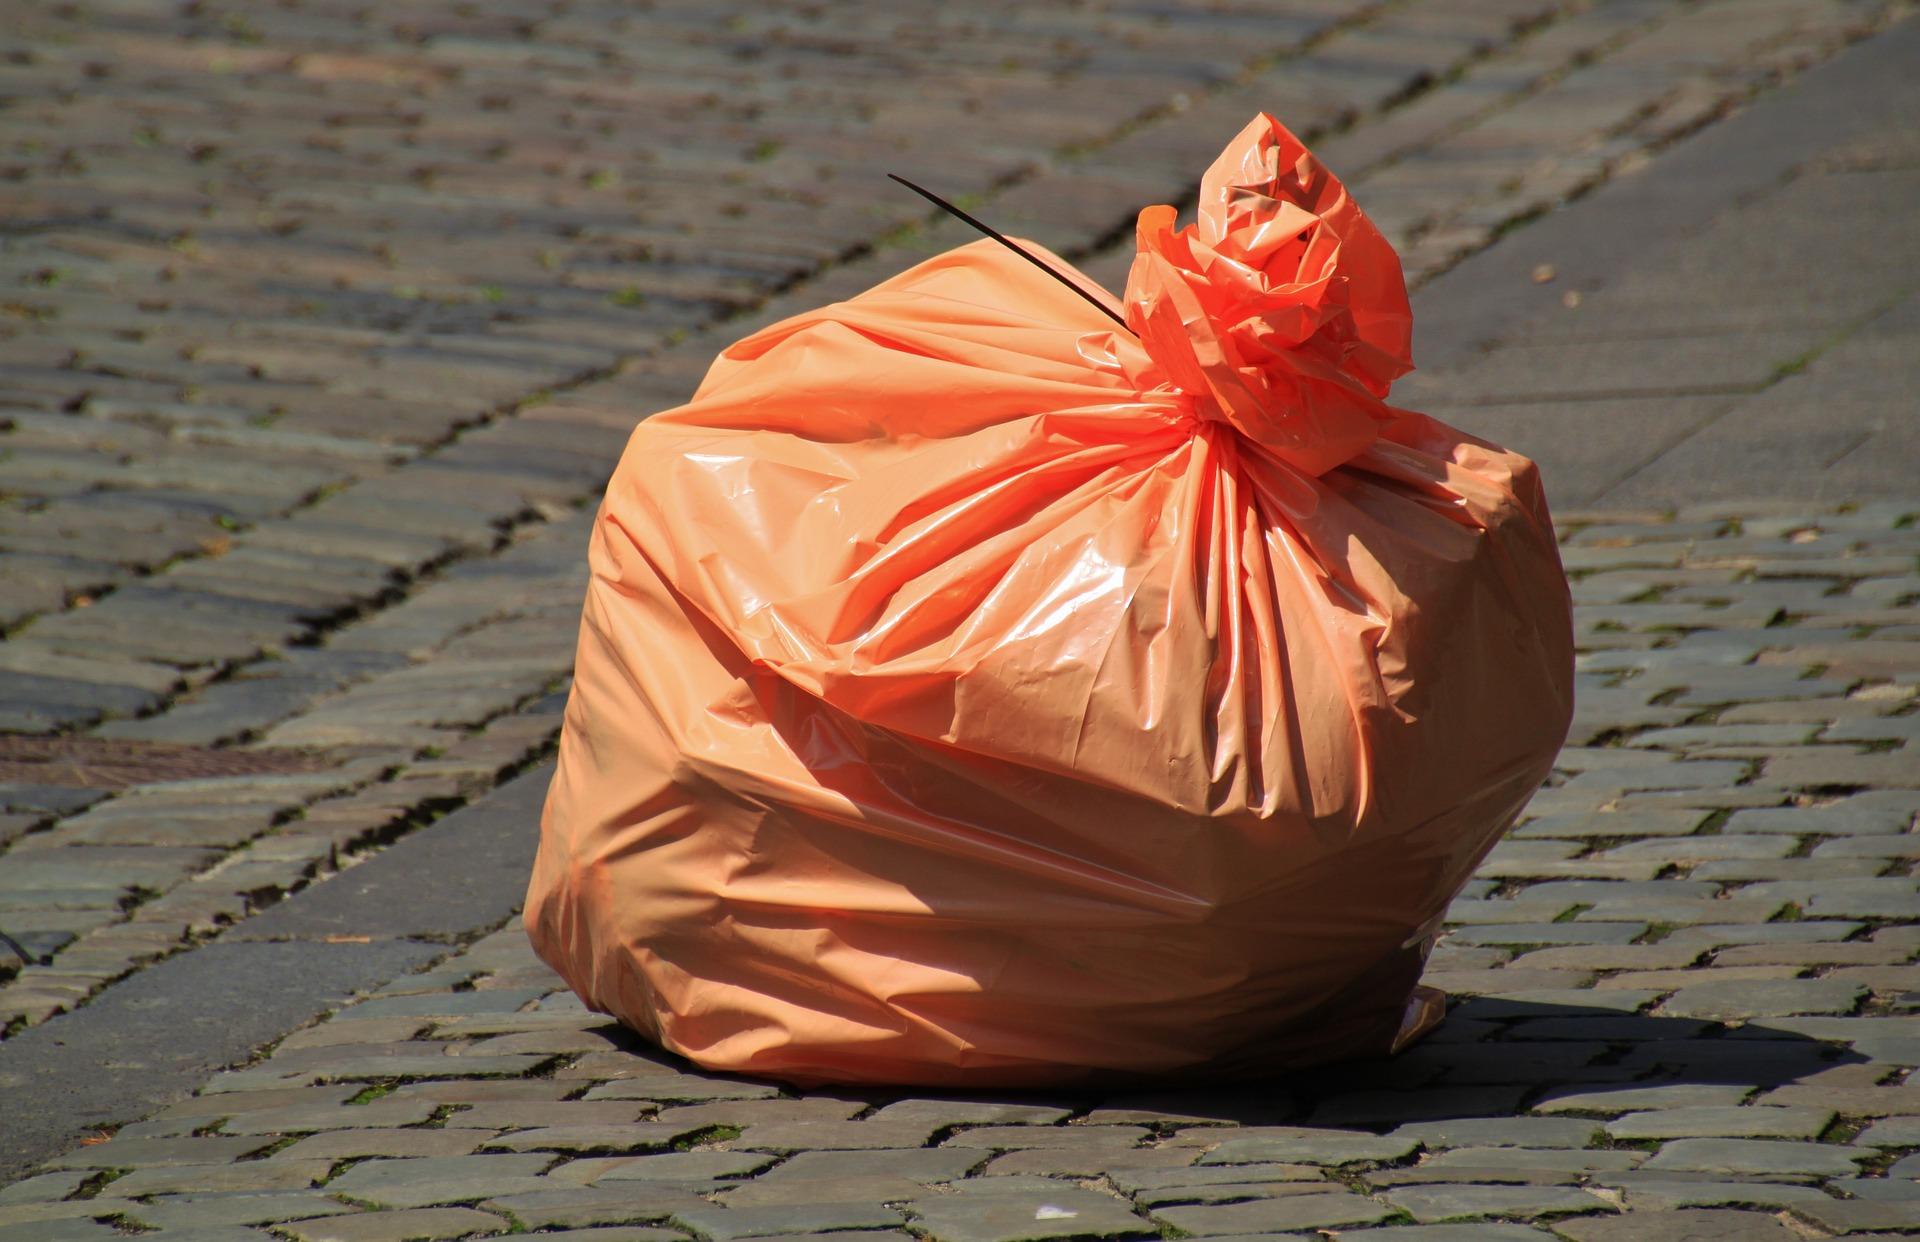 Gestione rifiuti Torino: considerazioni sulla proposta presentata da IREN